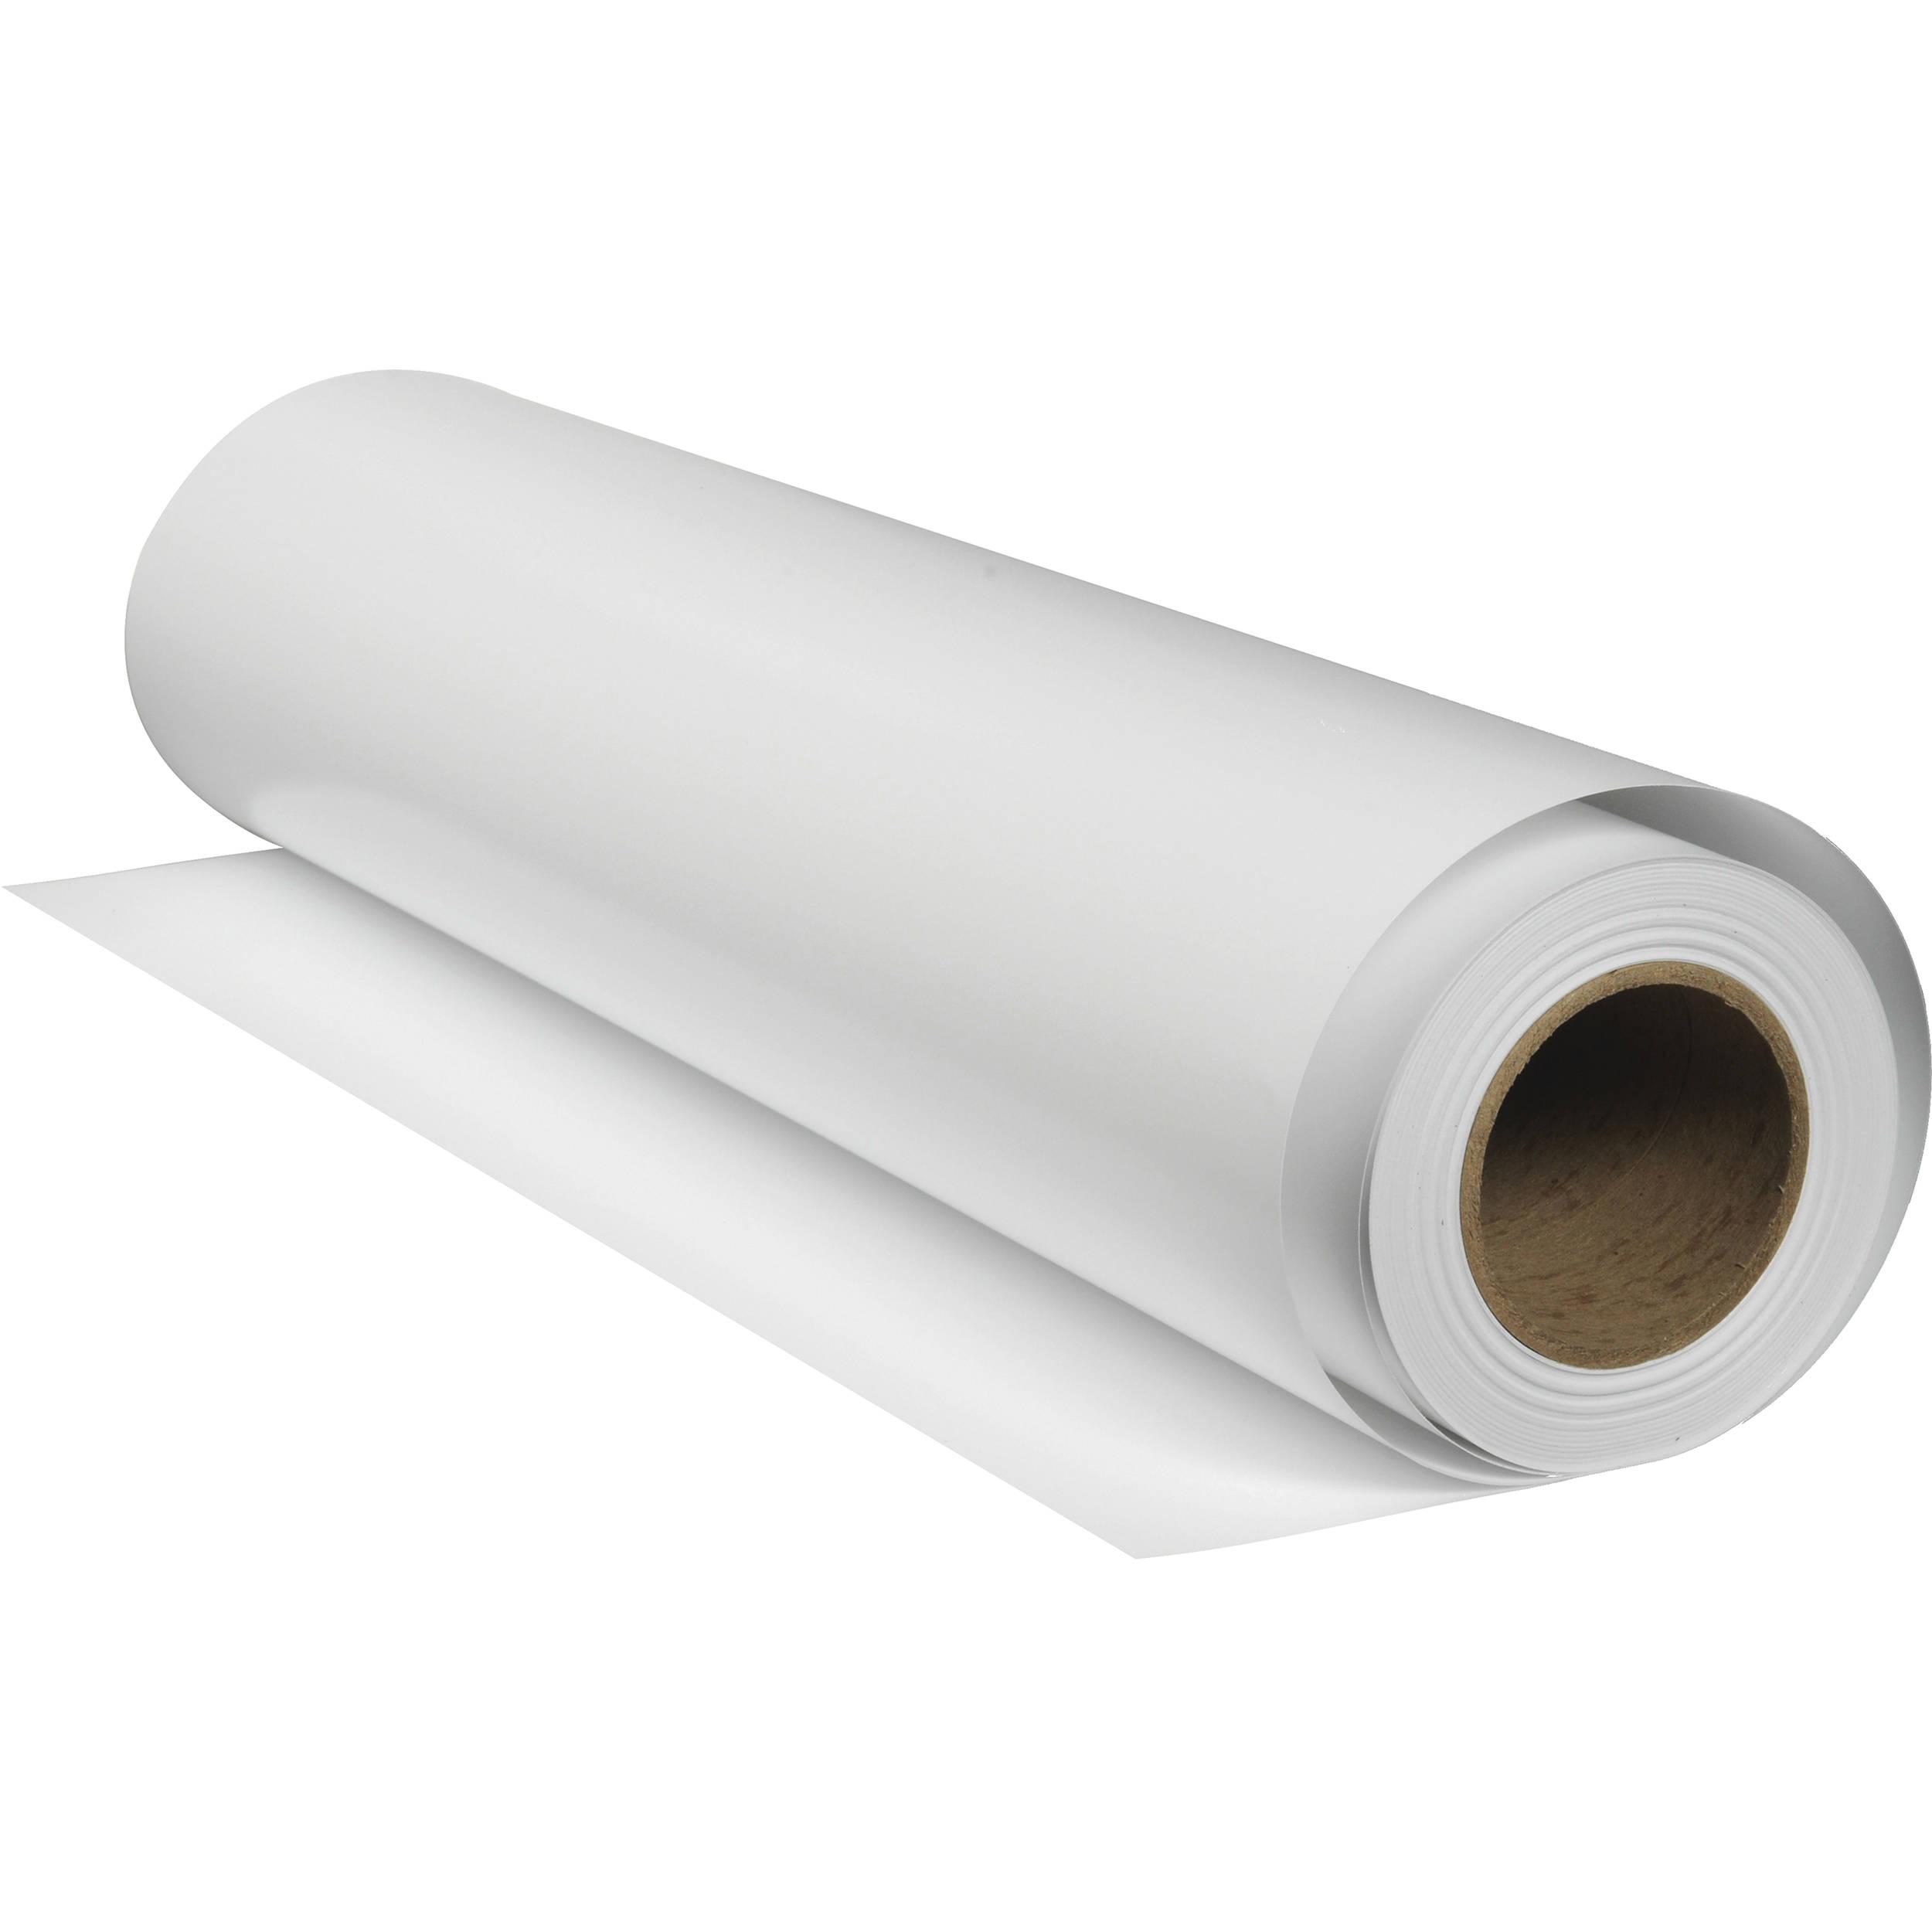 Image of Magic GFIOP140 Plottrový papír v roli pro velkoplošný tisk / 61 m